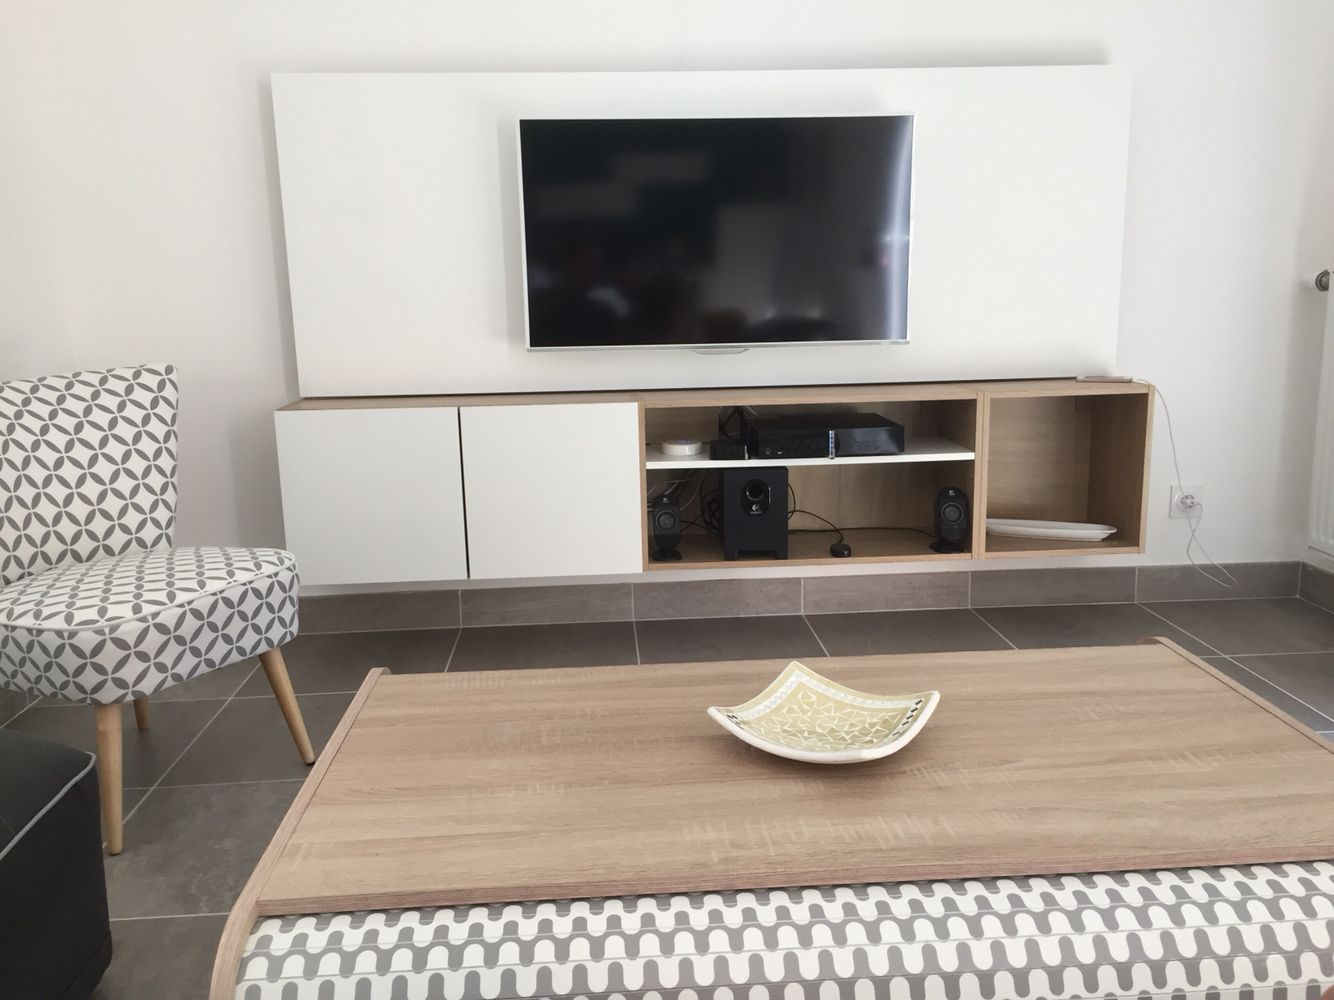 Meuble Tv Suspendu Avec Panneau Mdf Peint En Blanc Caisson